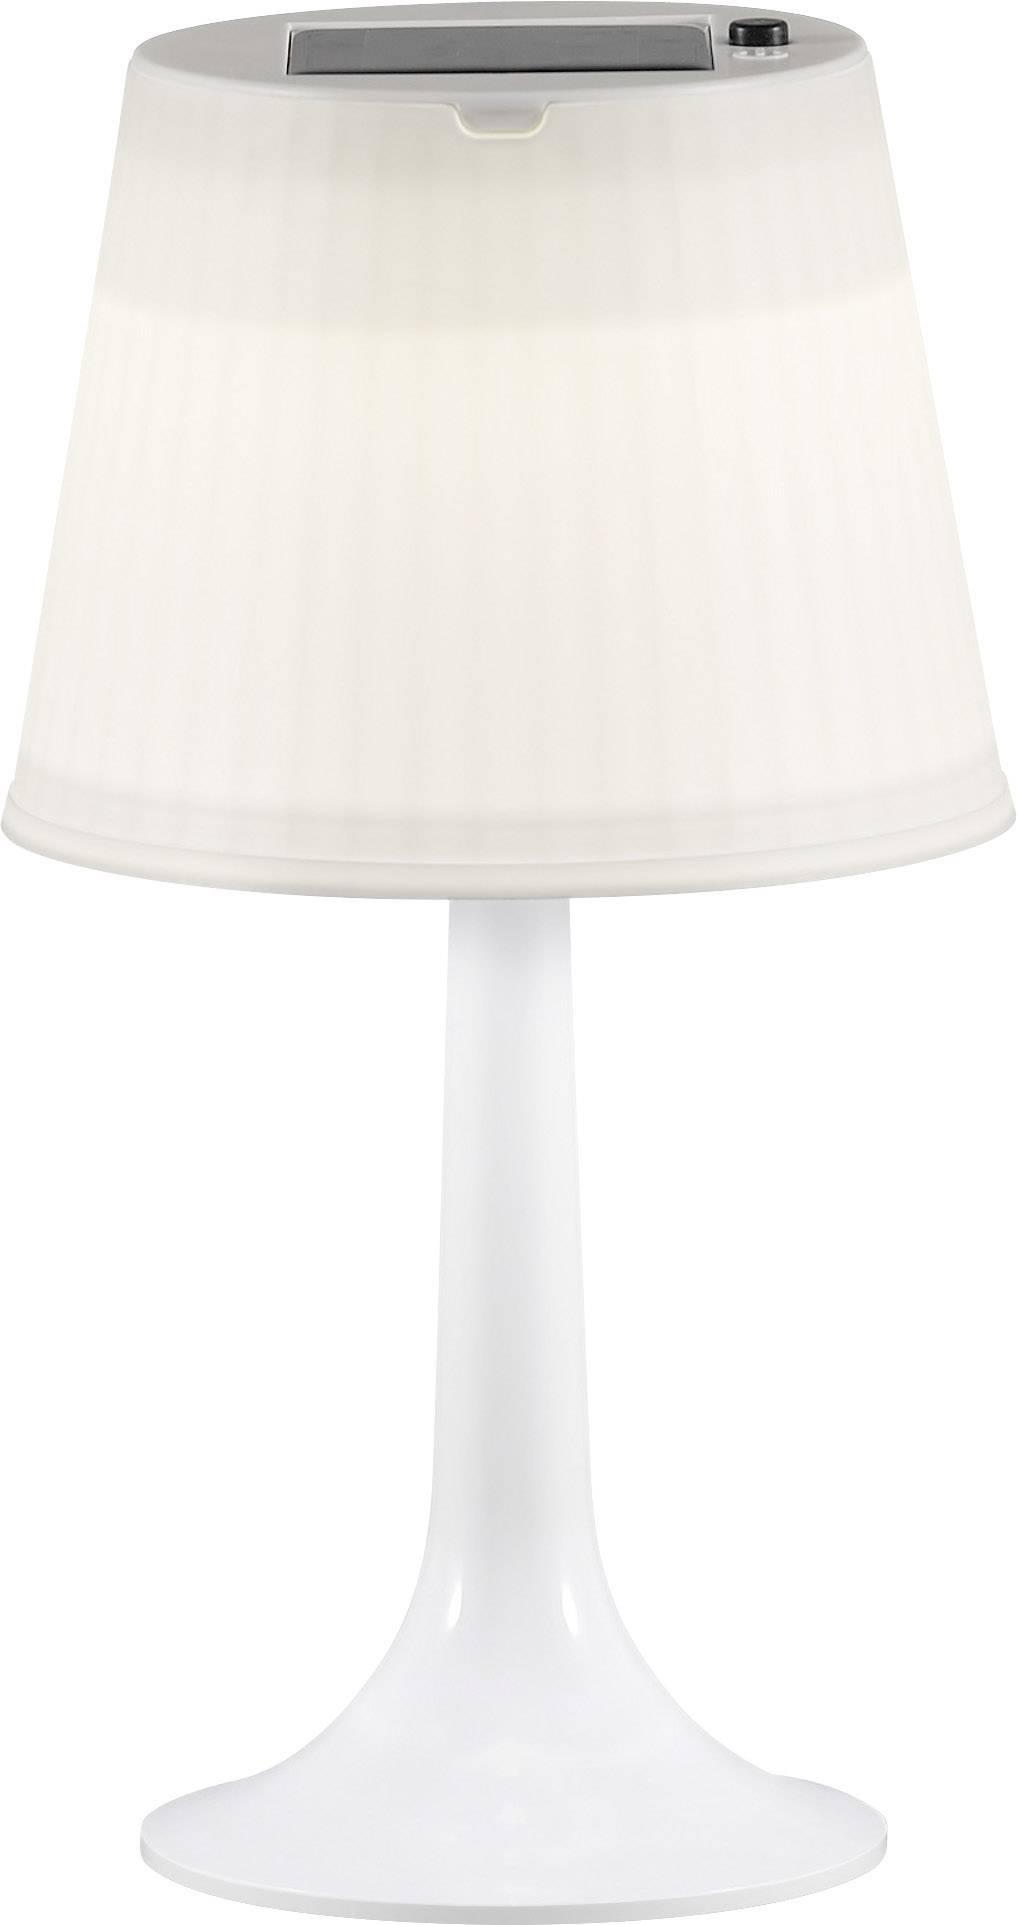 Solární stolní lampa 0.5 W neutrálně bílá Konstsmide Assis Sitra 7109-202 bílá